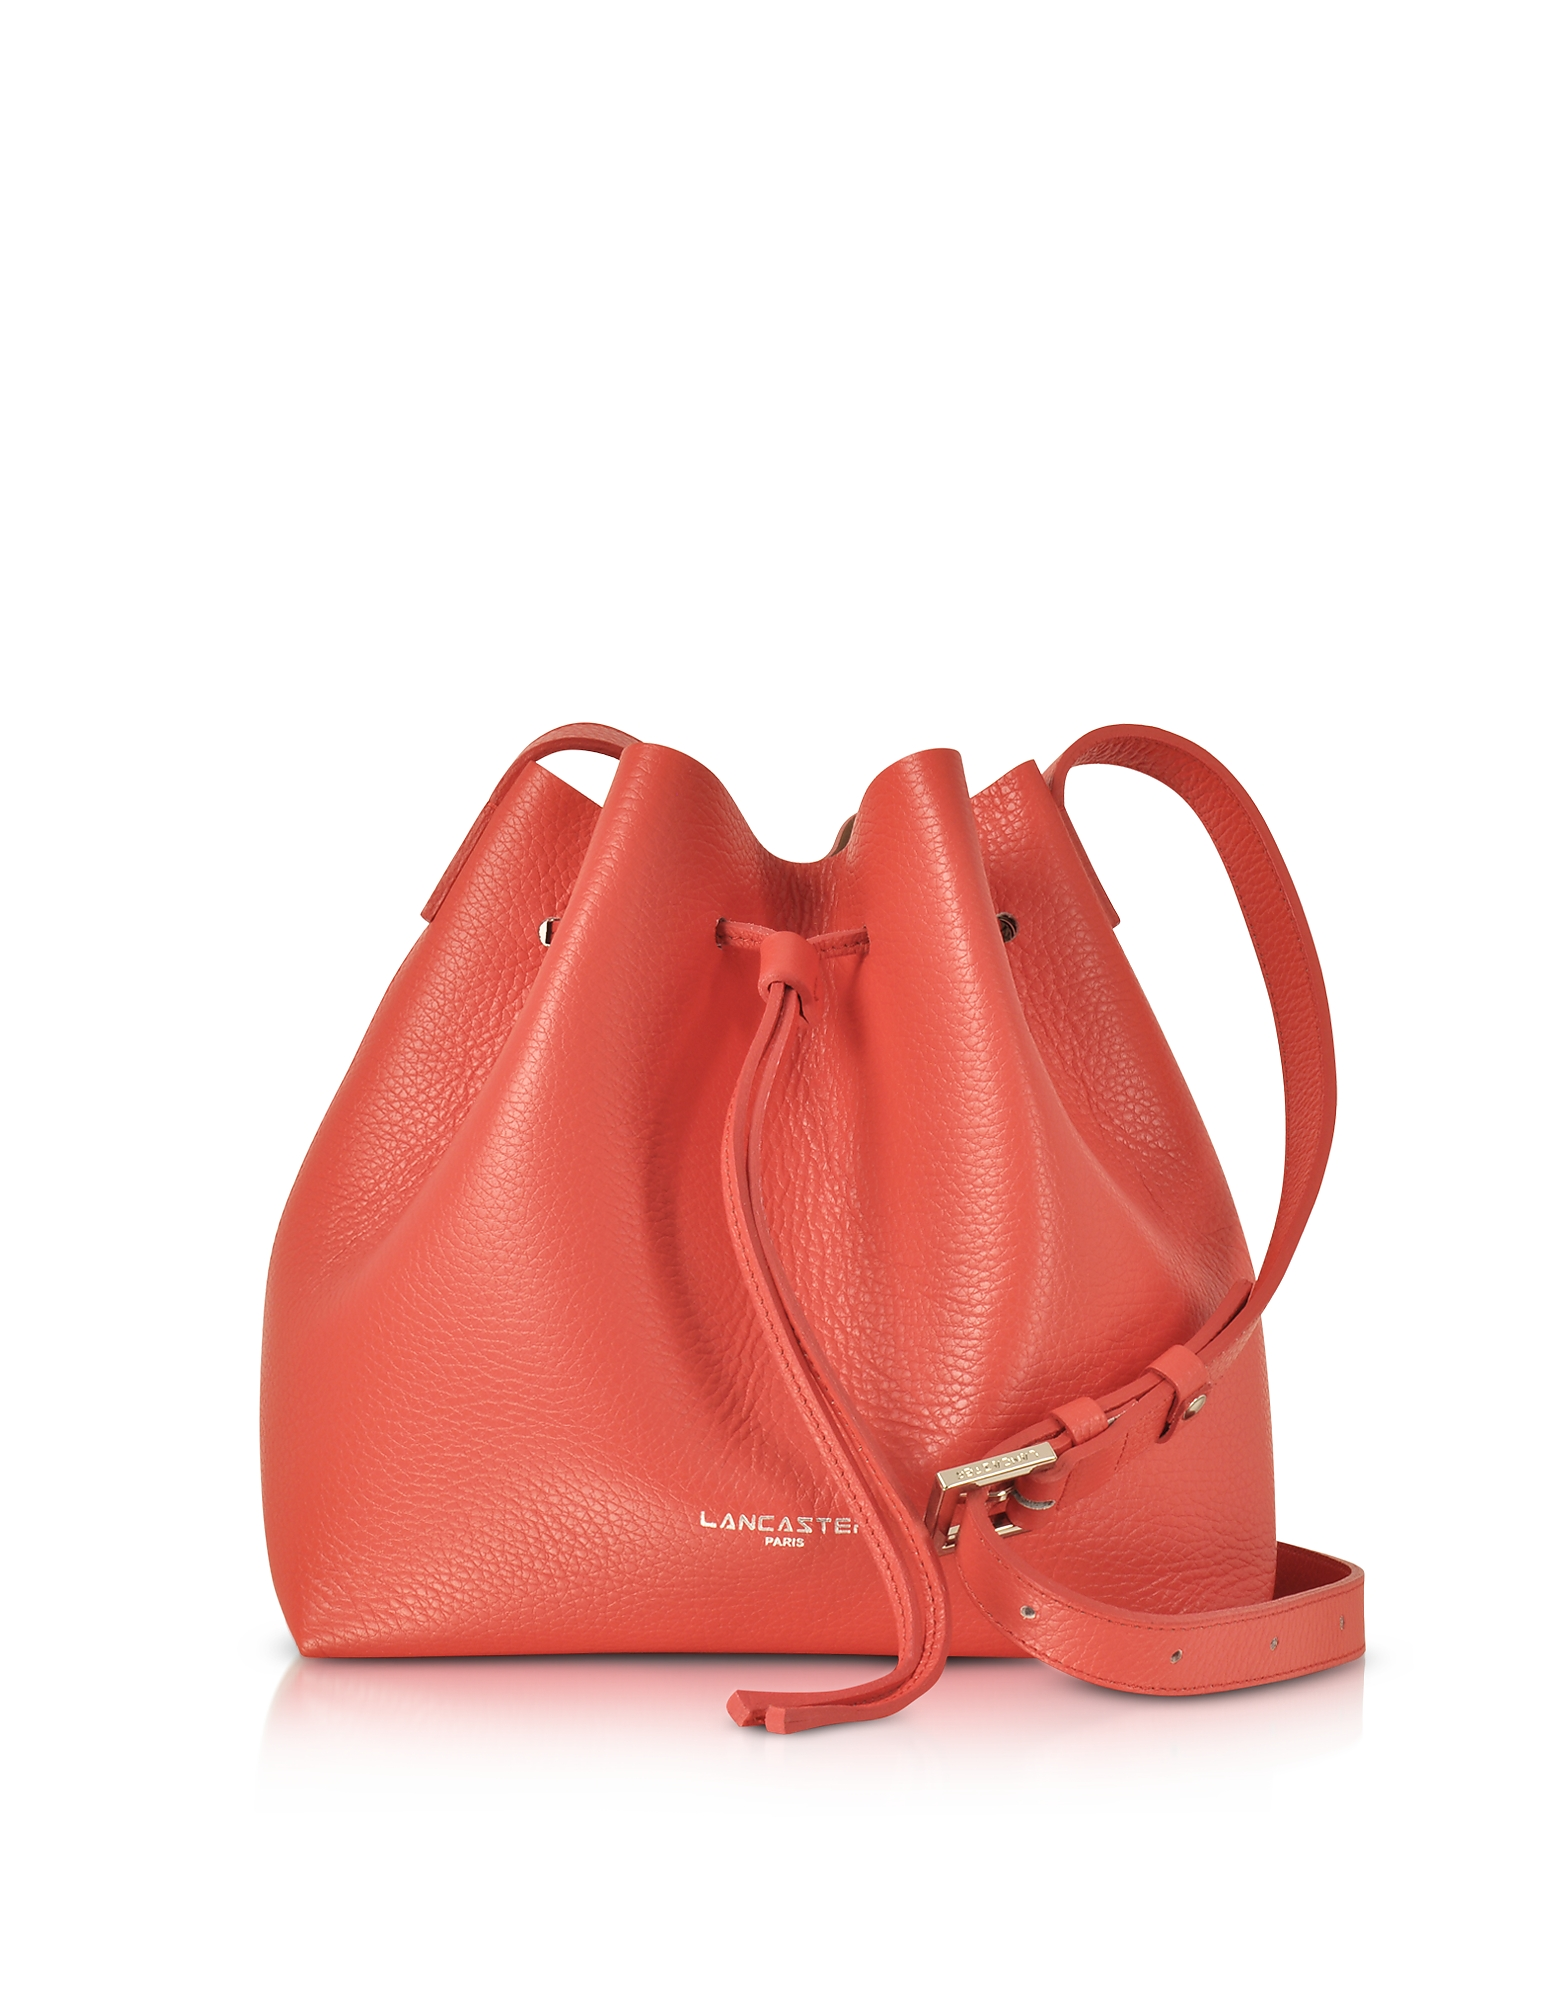 Lancaster Paris Handbags, Pur & Element Foulonné Leather Bucket Bag